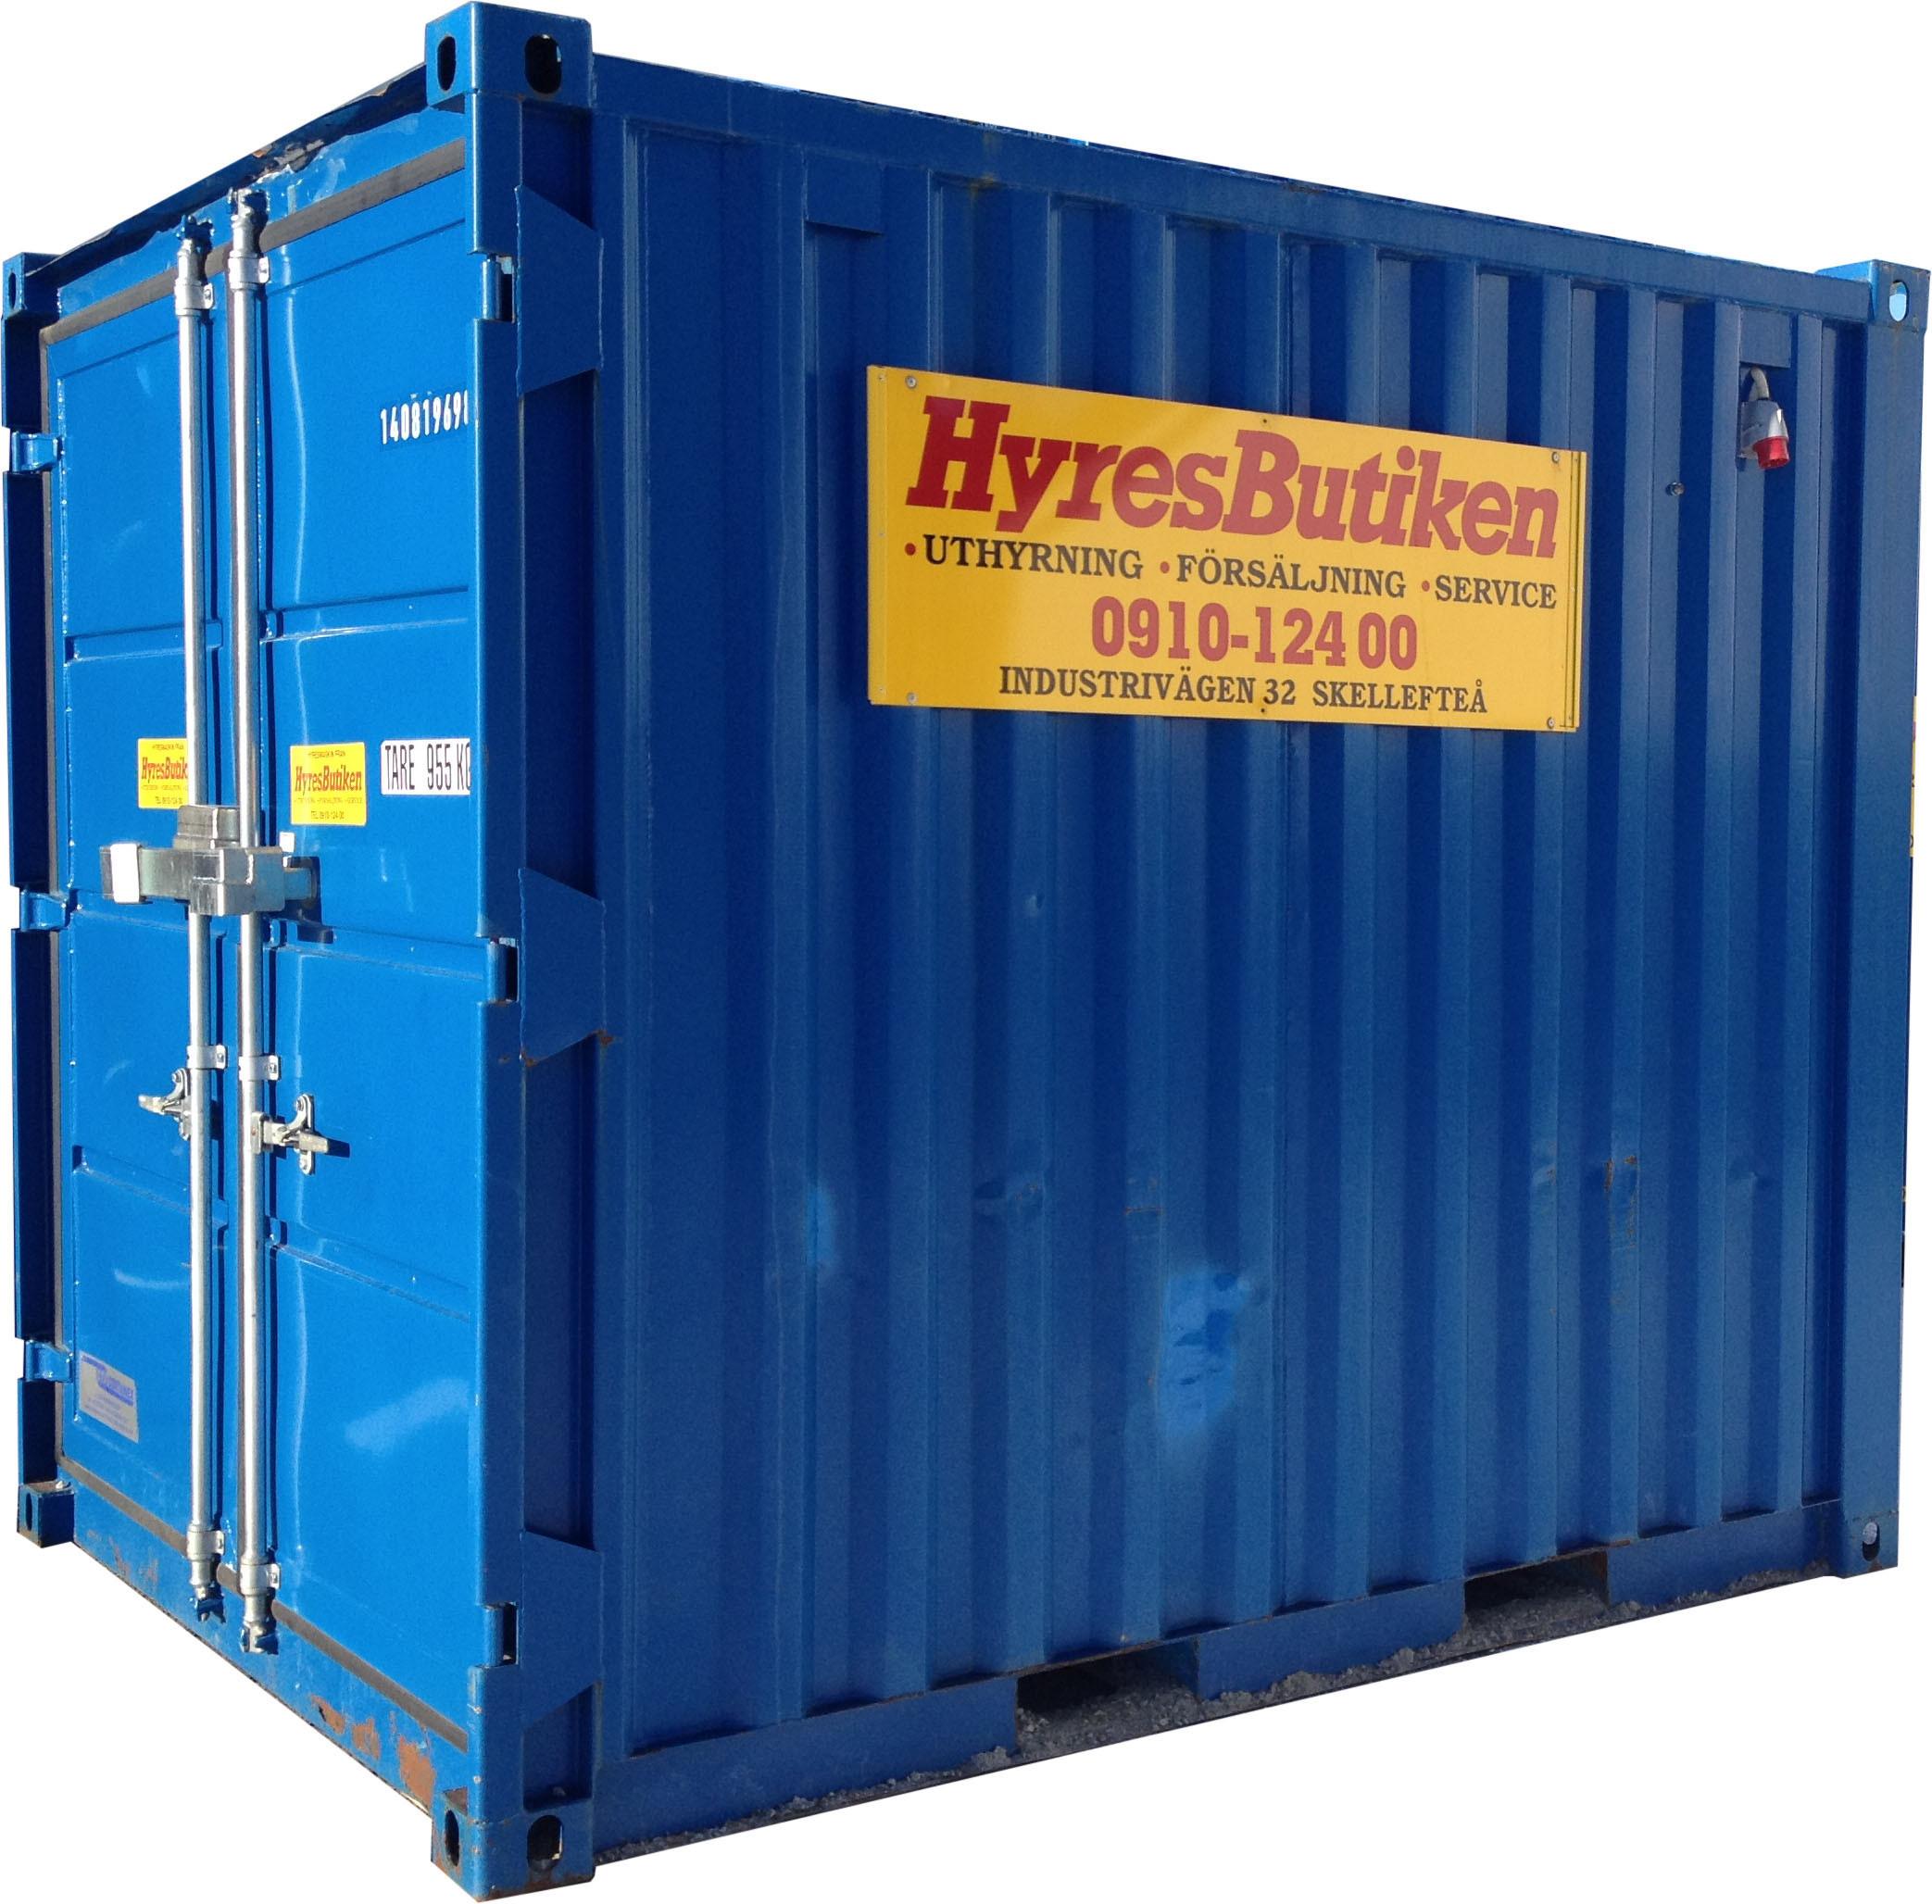 Container 10 fot, bomsäker, isolerad med hyllor